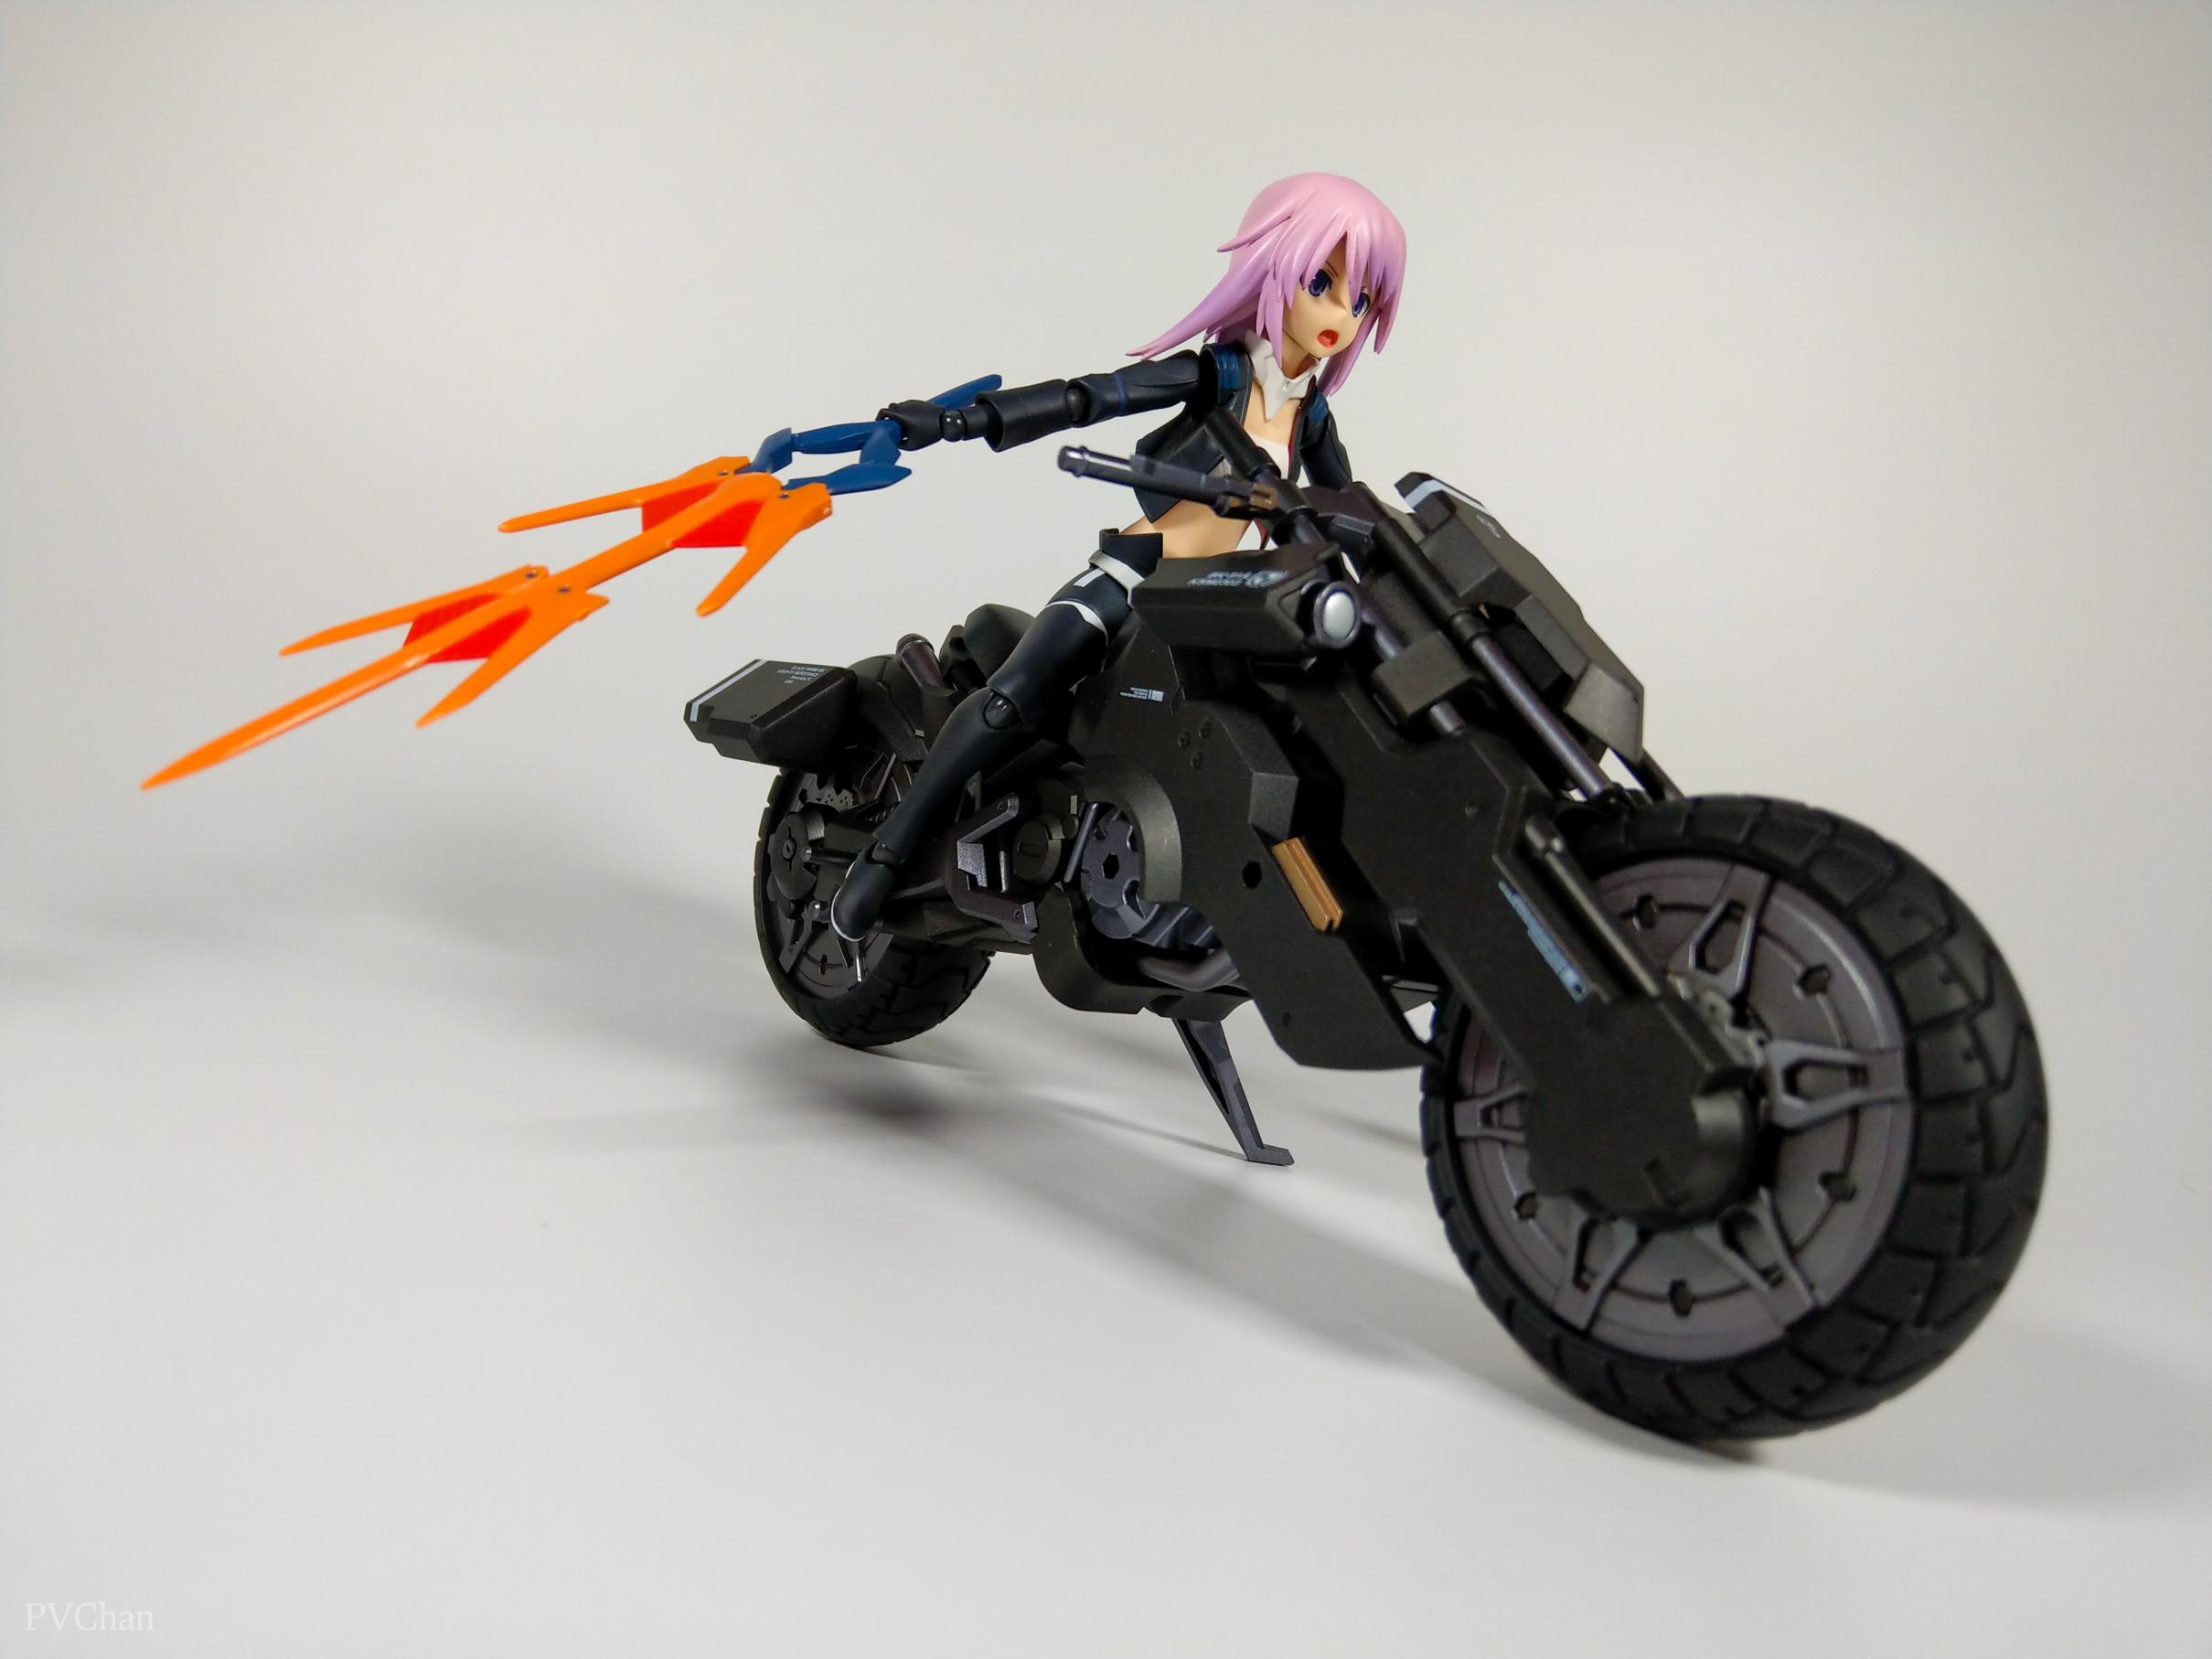 Необычное пополнение коллекции - байк из серии ex:ride от Max Factory. - Изображение 34